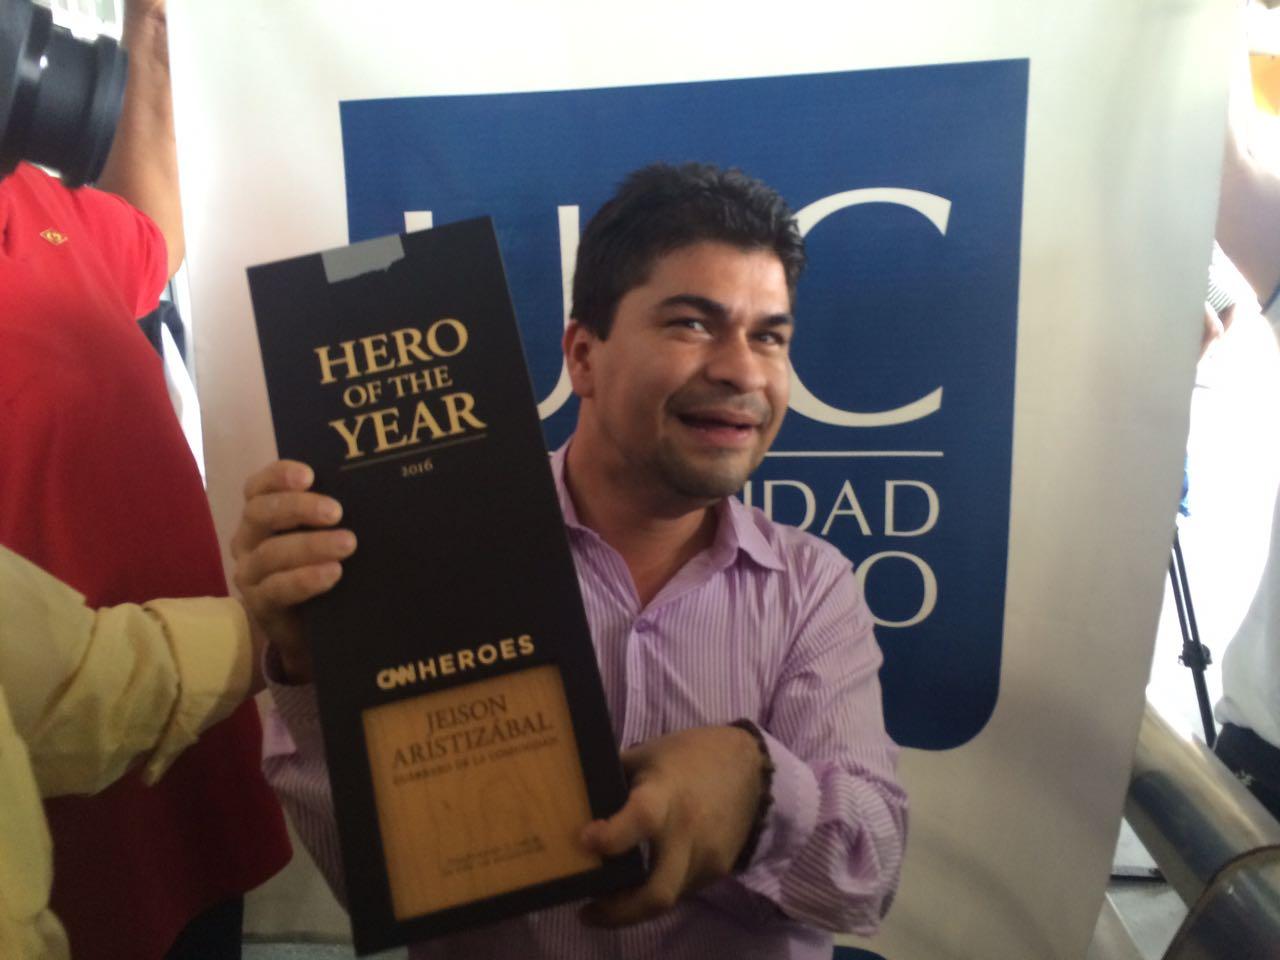 Con cánticos, Cali recibe a Jeison Aristizábal, Héroe CNN 2016